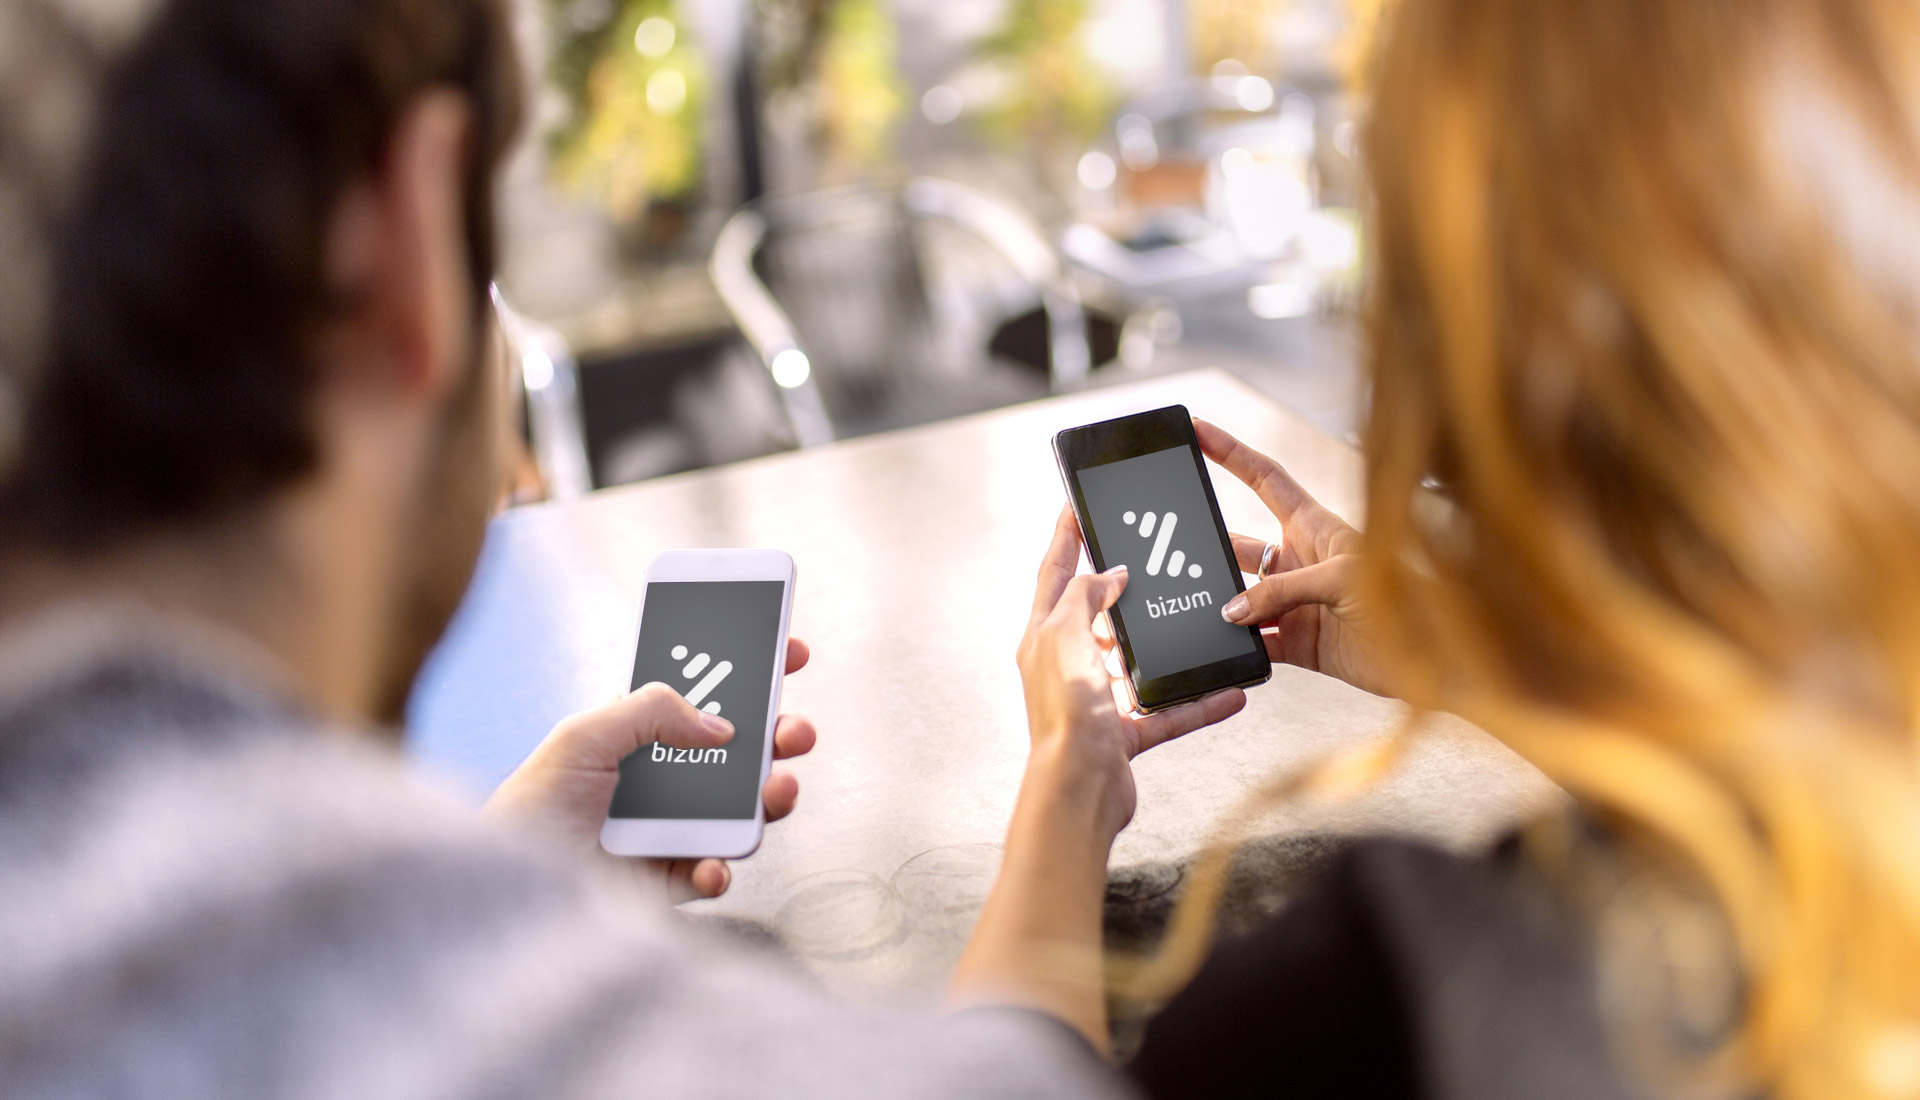 Tutto ciò che dovresti sapere su Bizum prima di effettuare pagamenti mobili 1